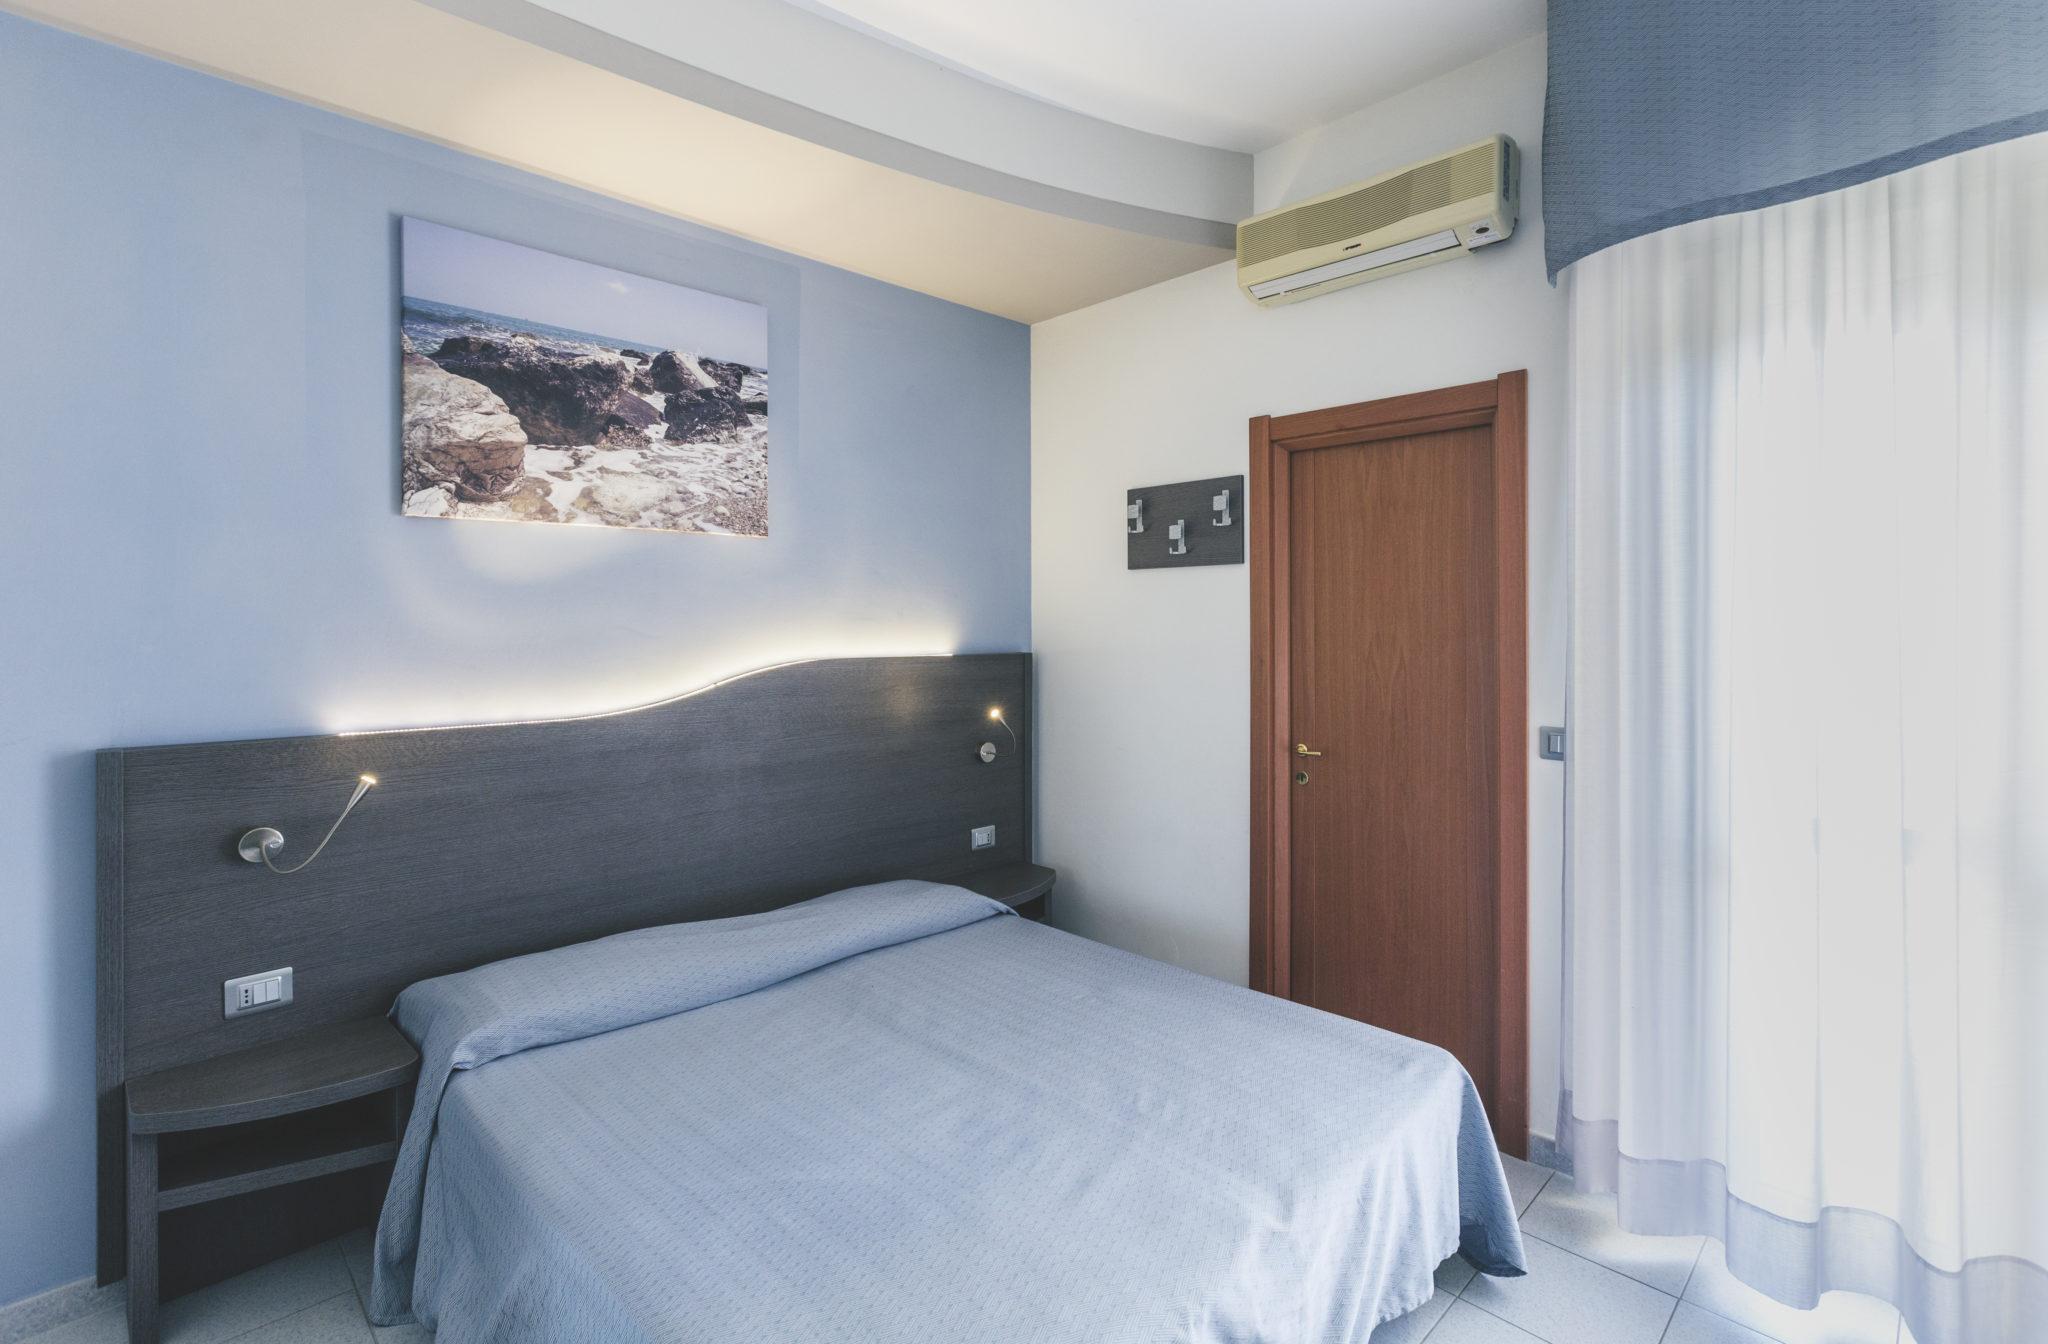 Hotel Acquario enkelrum(29 sep-6 okt)